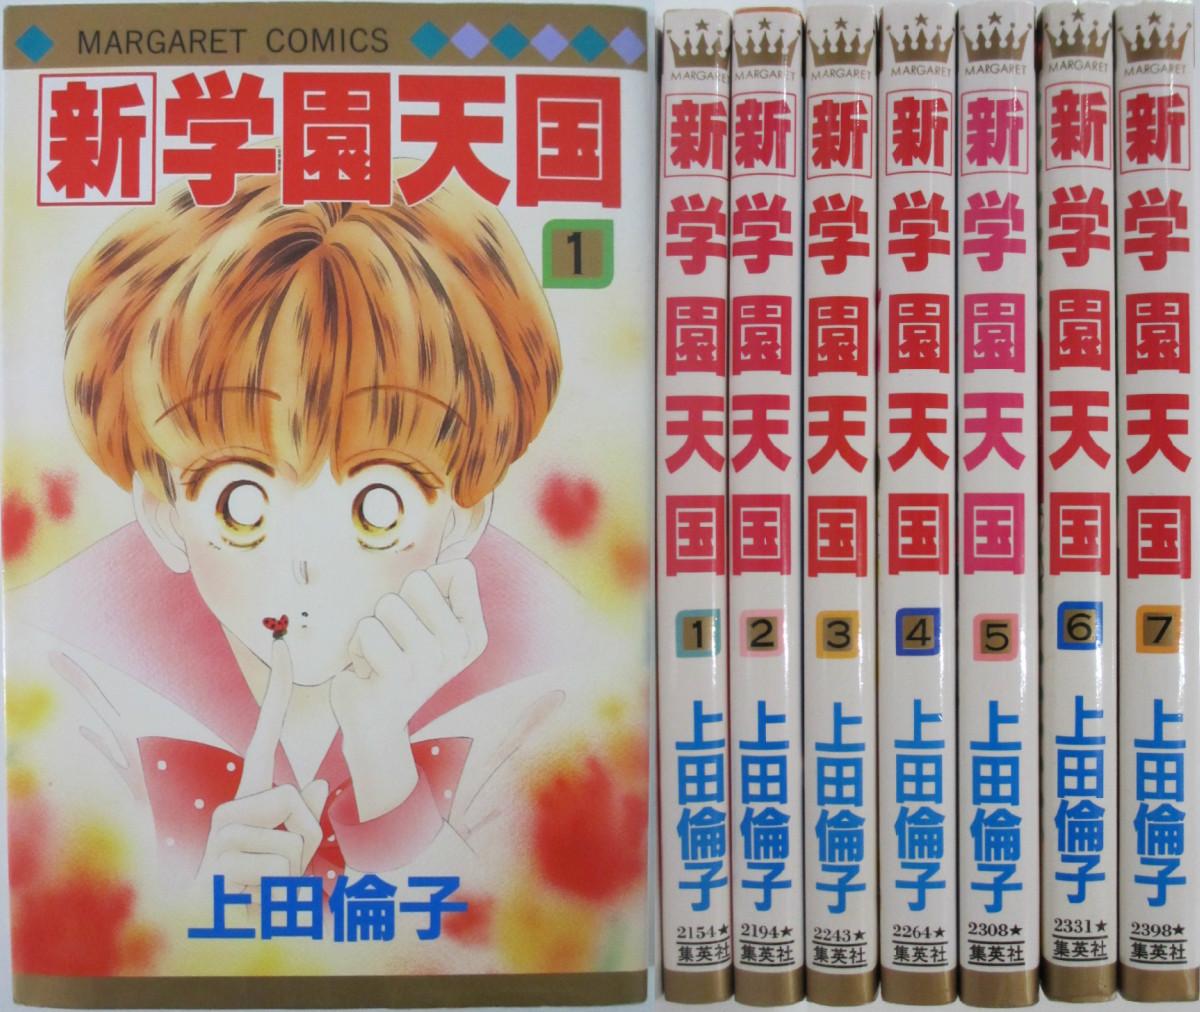 中古 優先配送 新 学園天国 上田倫子 流行のアイテム 1-6巻 全巻セット